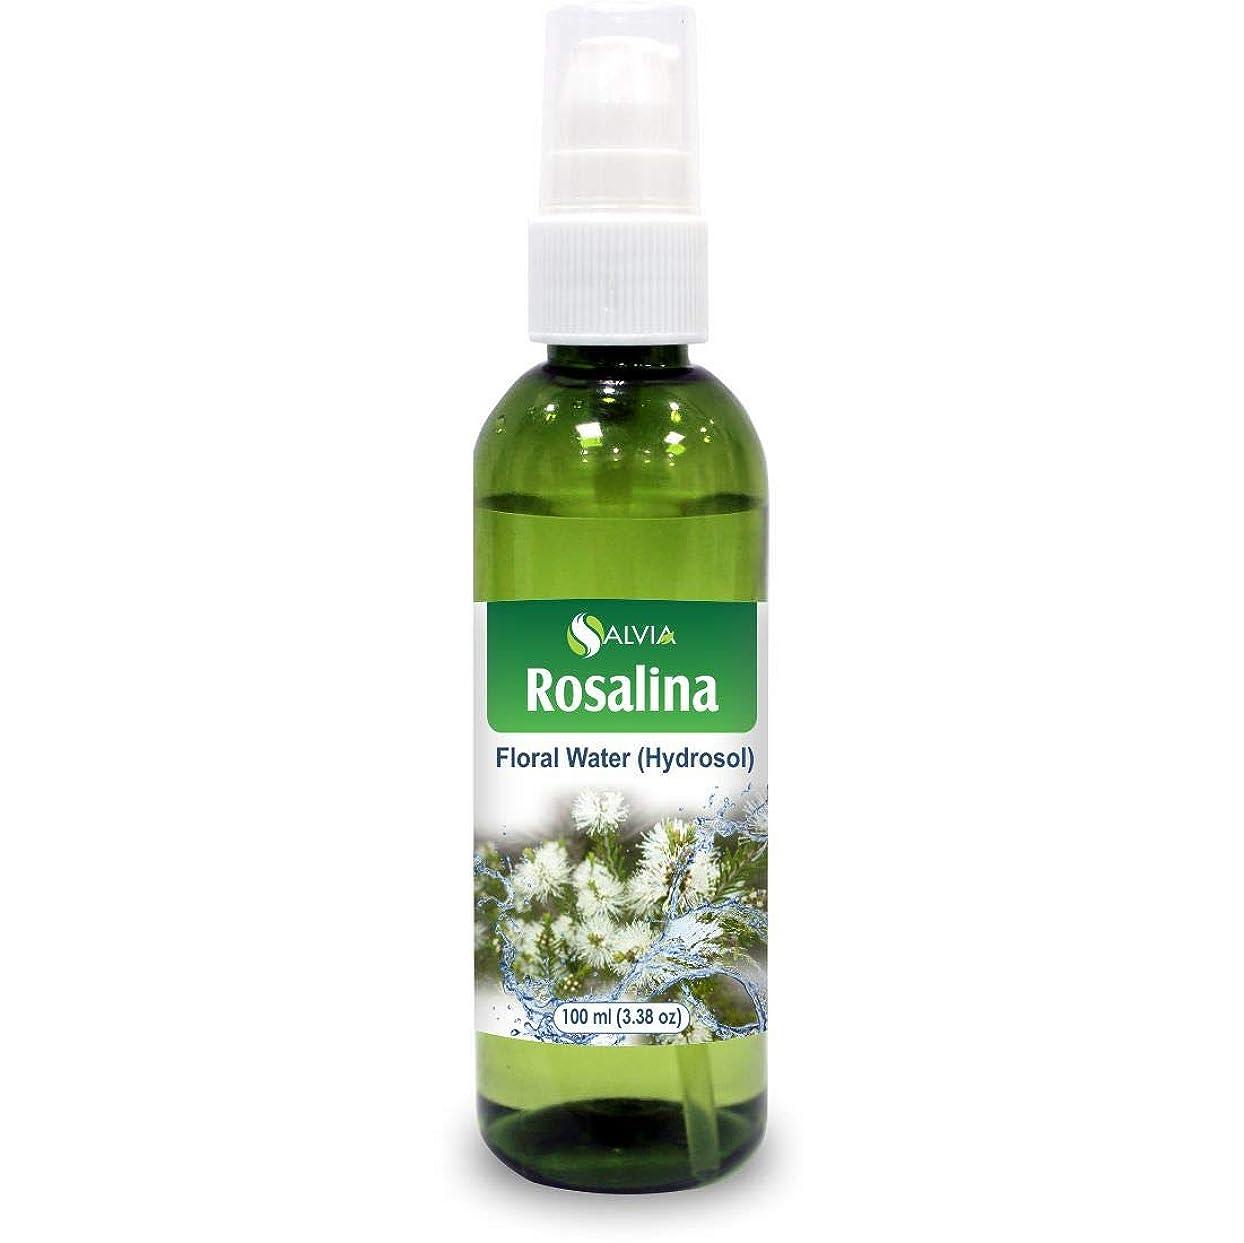 物理的に報酬の決定Rosalina Oil Floral Water 100ml (Hydrosol) 100% Pure And Natural